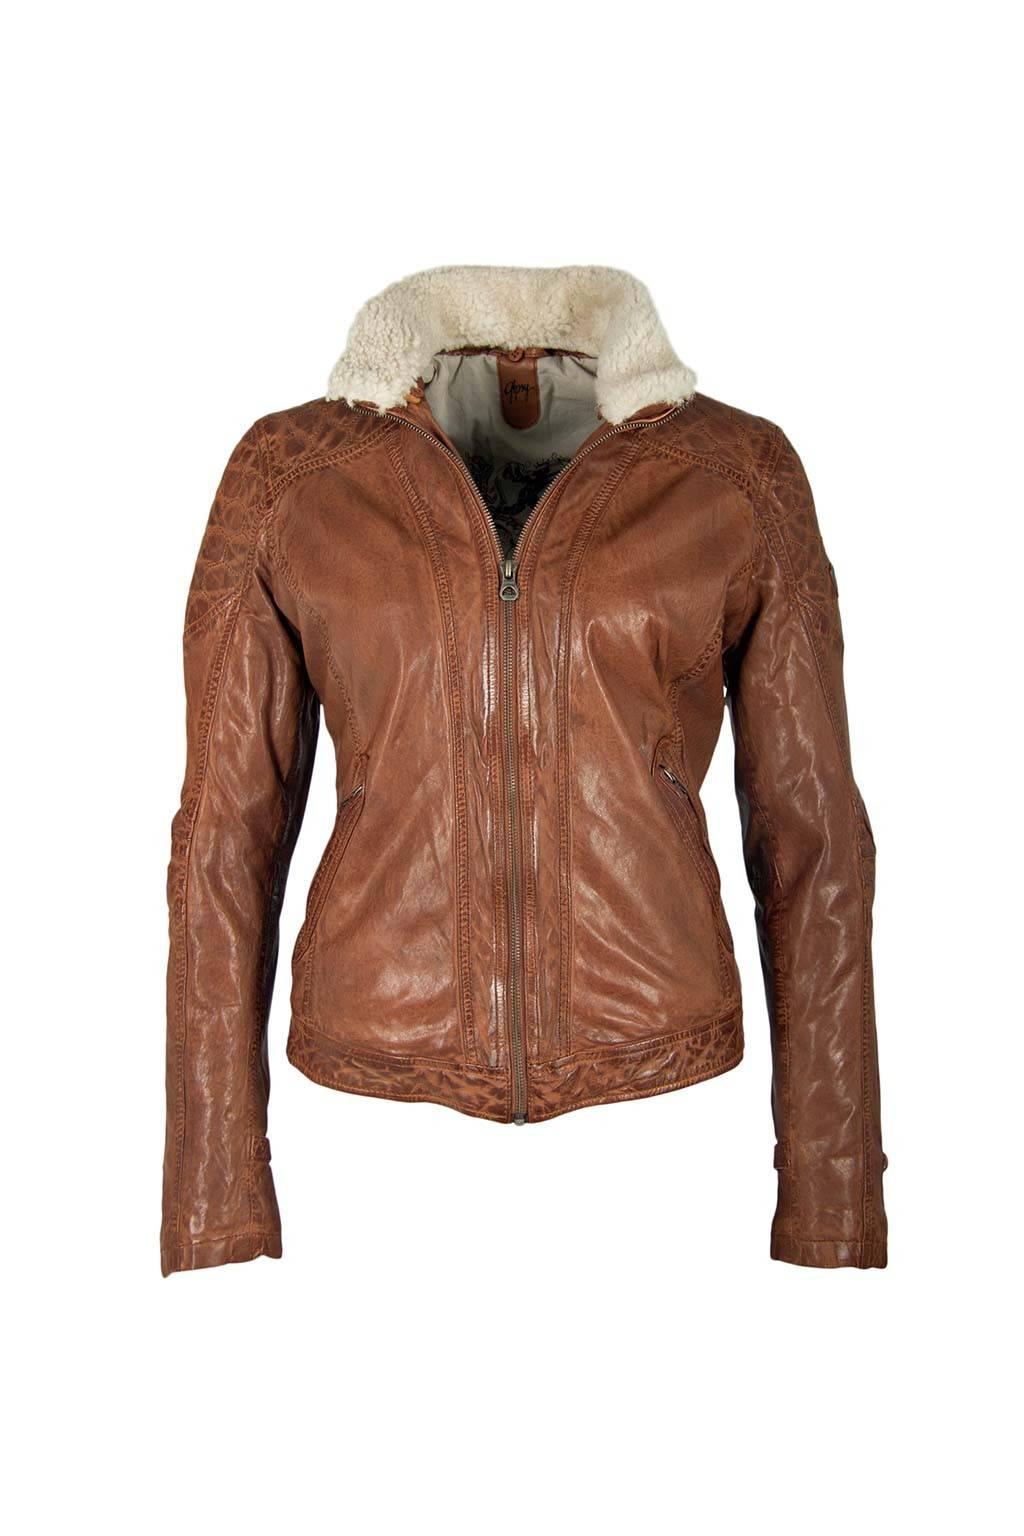 Gipsy katie lvtw cogñac Jacket